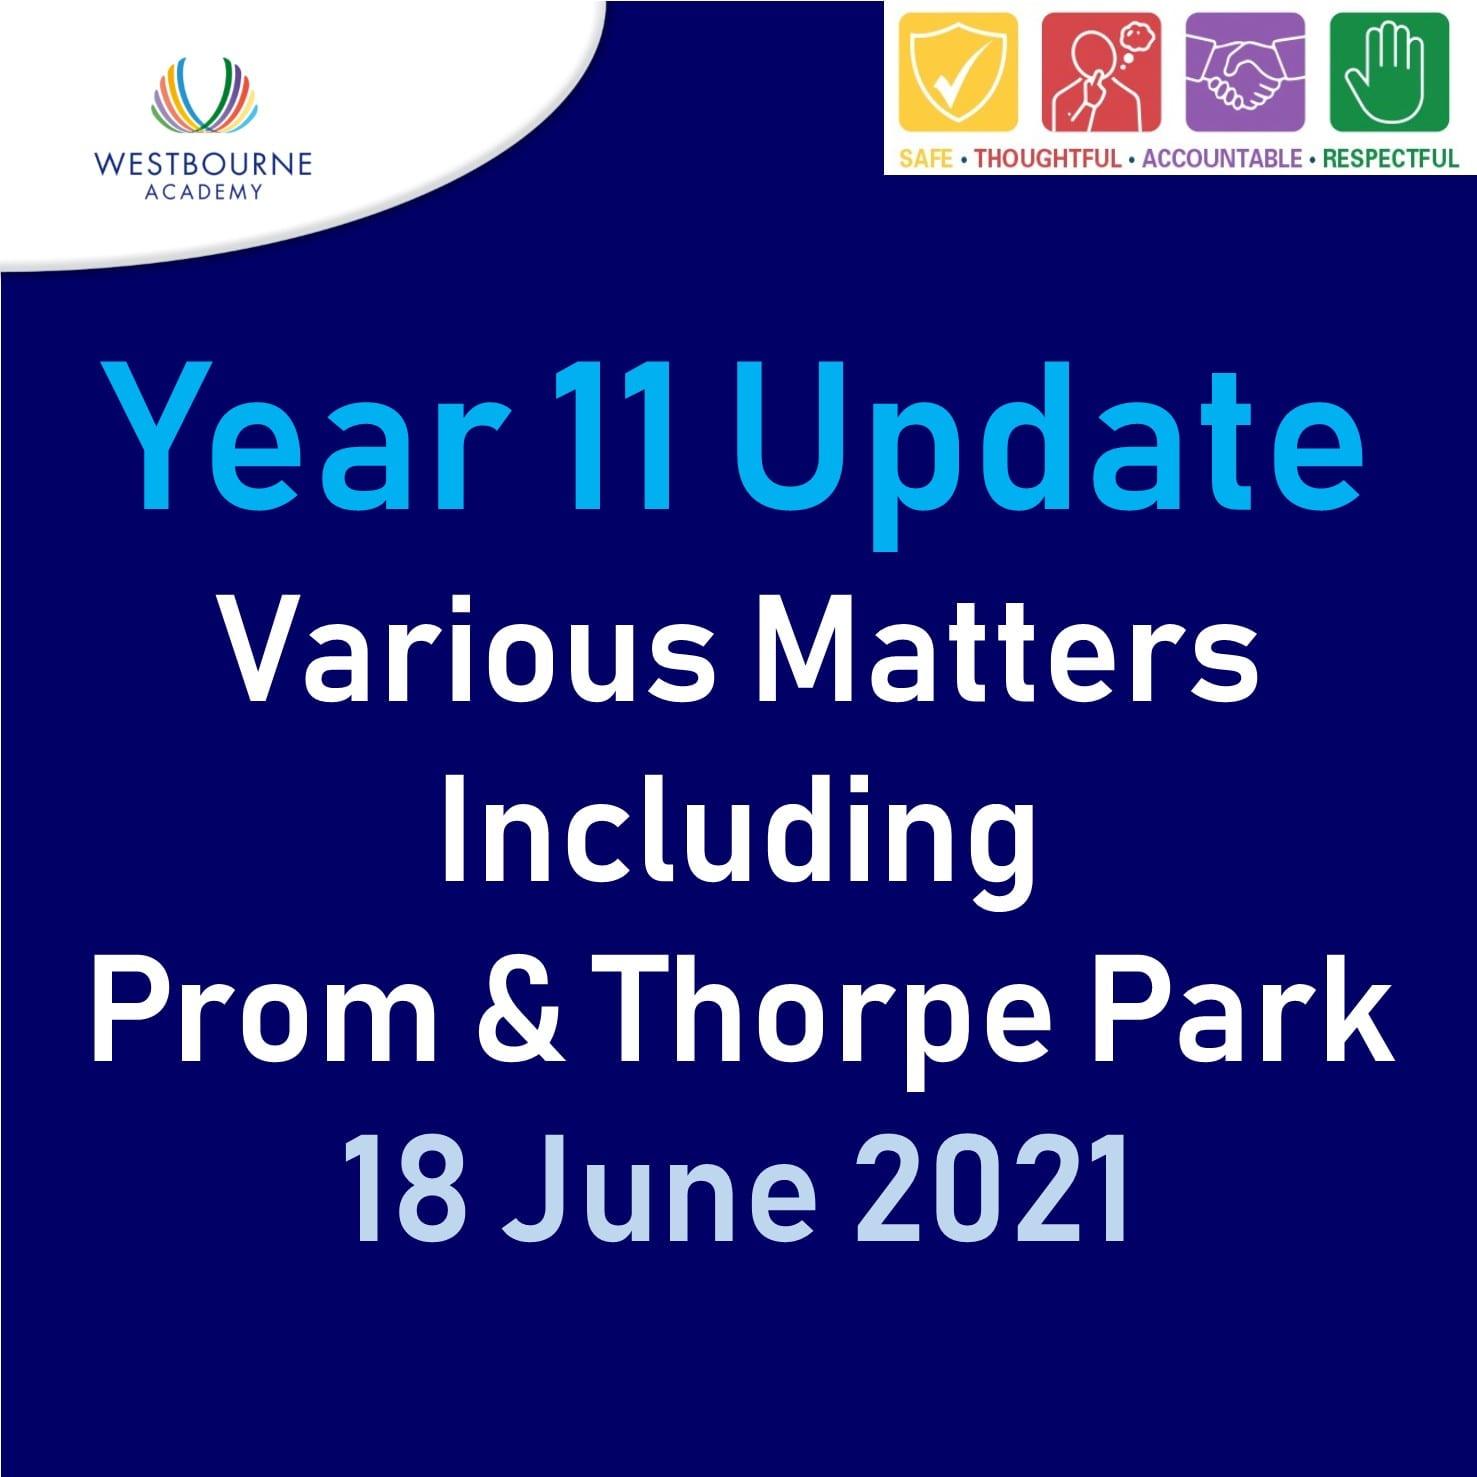 Year 11 Update Various Matters 18 June 2021